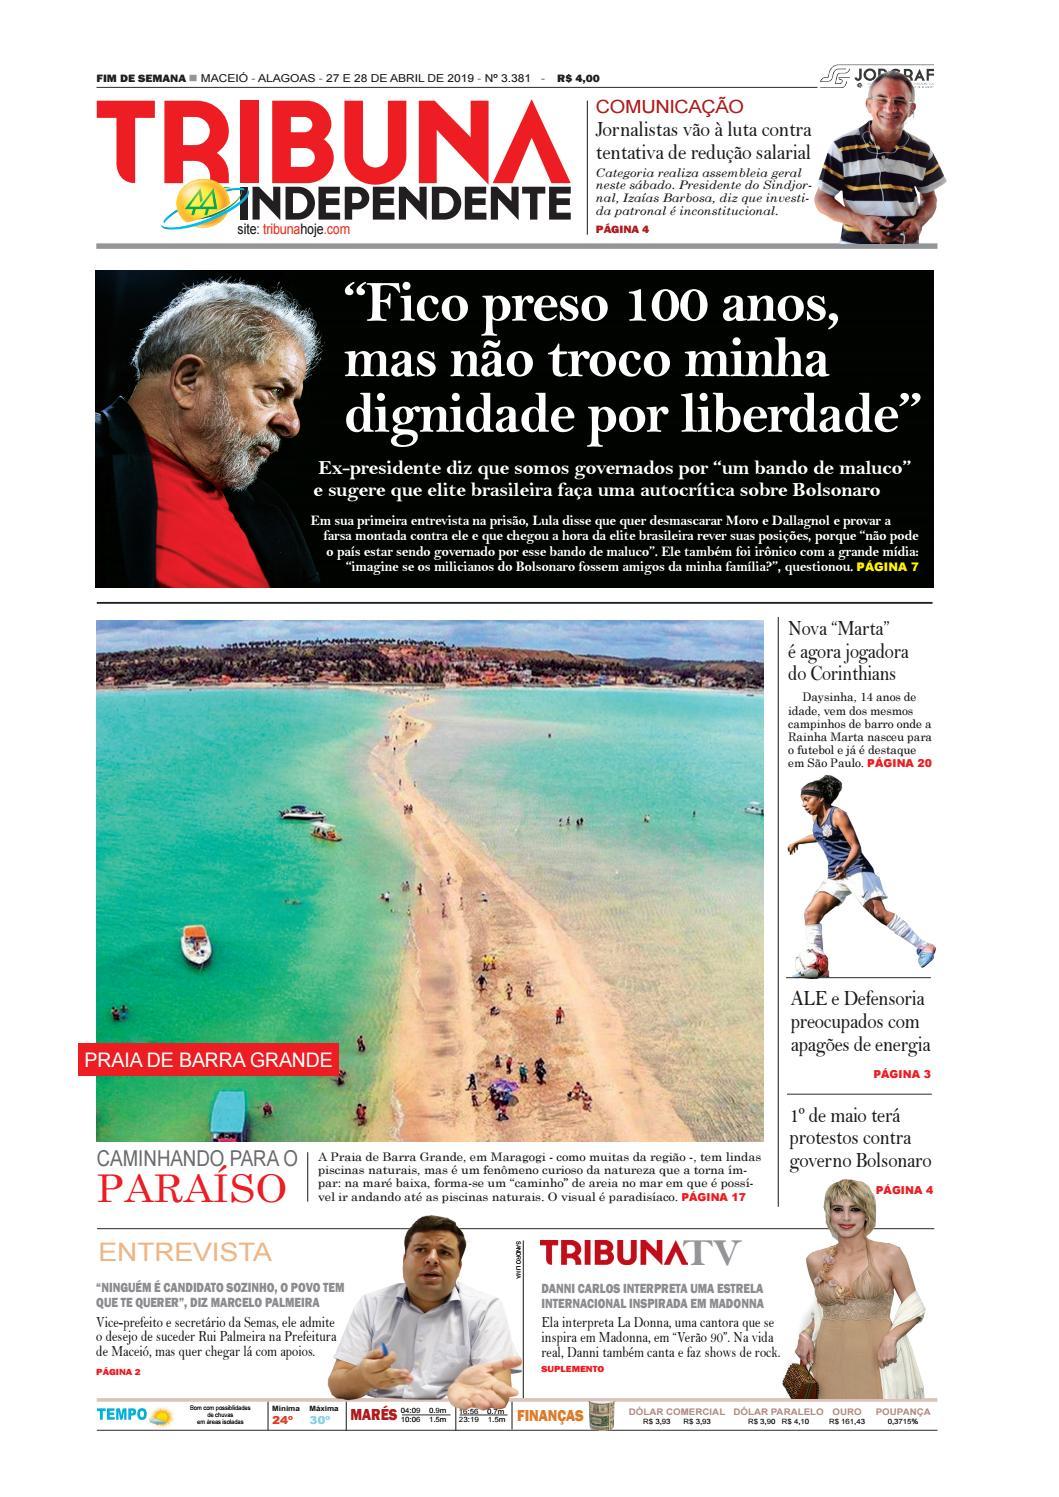 3031f9c5a Edição número 3381 - 27 e 28 de abril de 2019 by Tribuna Hoje - issuu